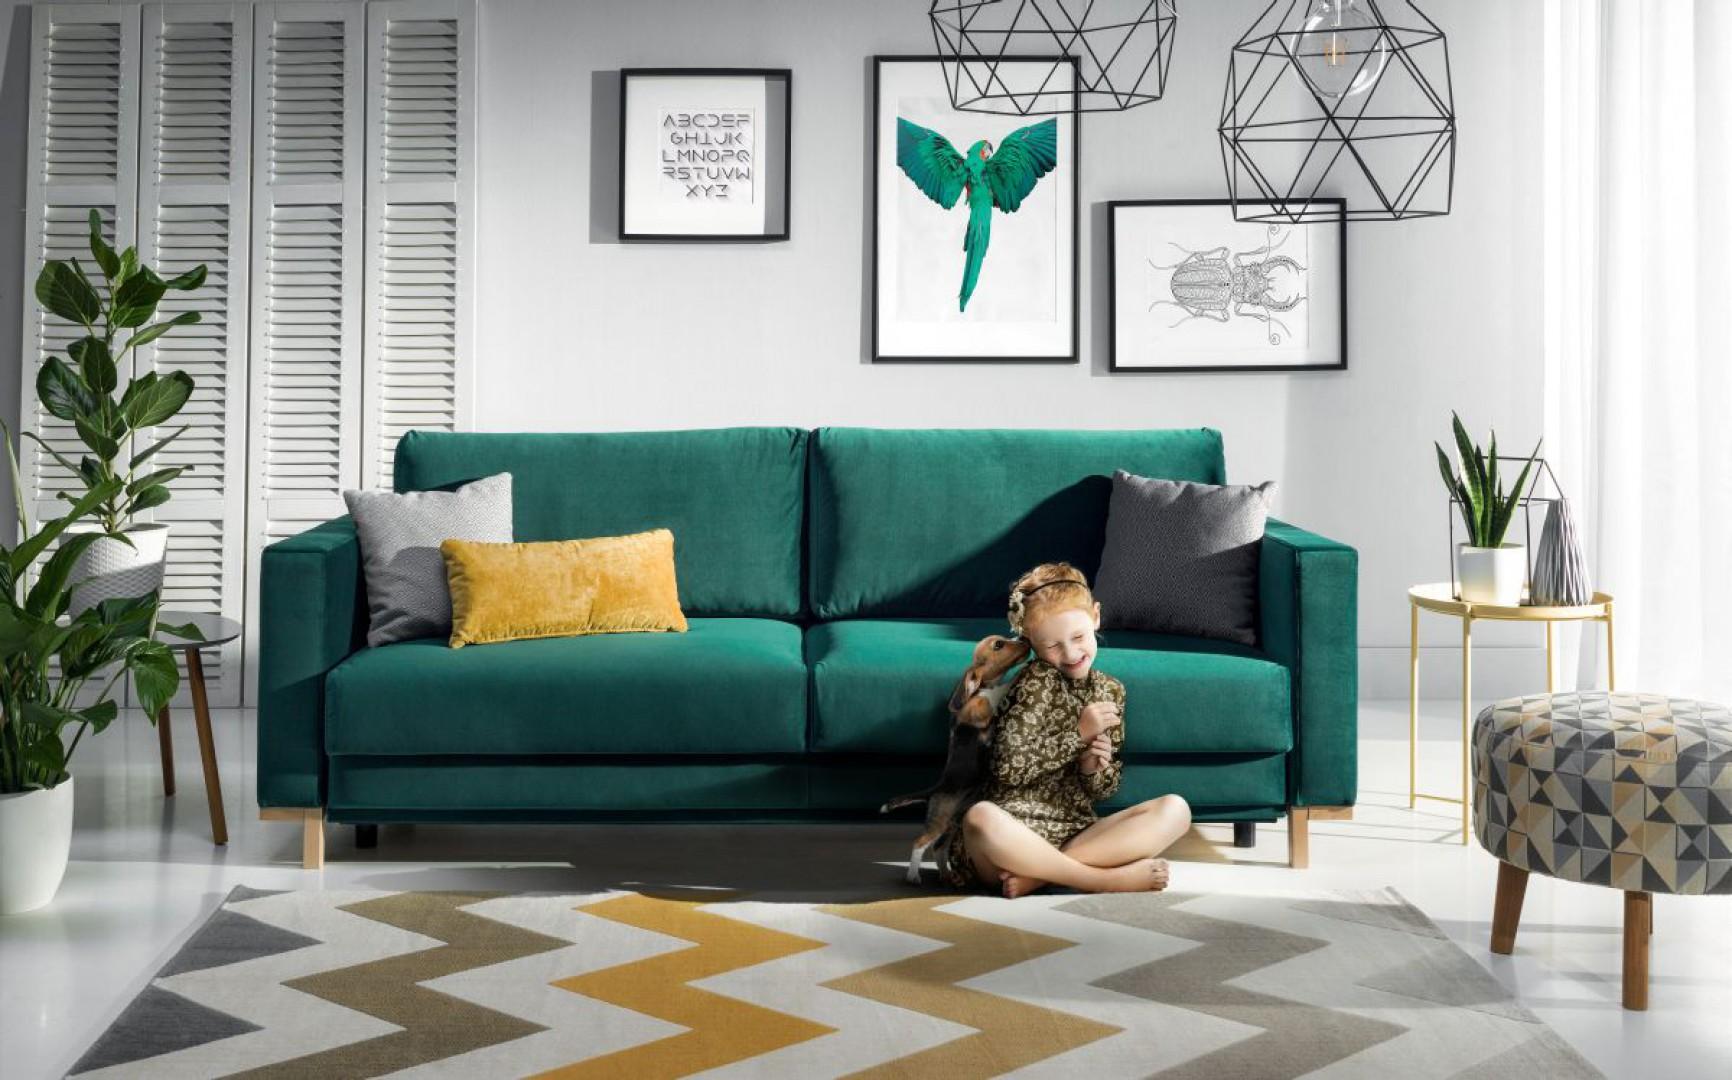 Kolekcja Modo firmy Wajnert. Fot. Wajnert